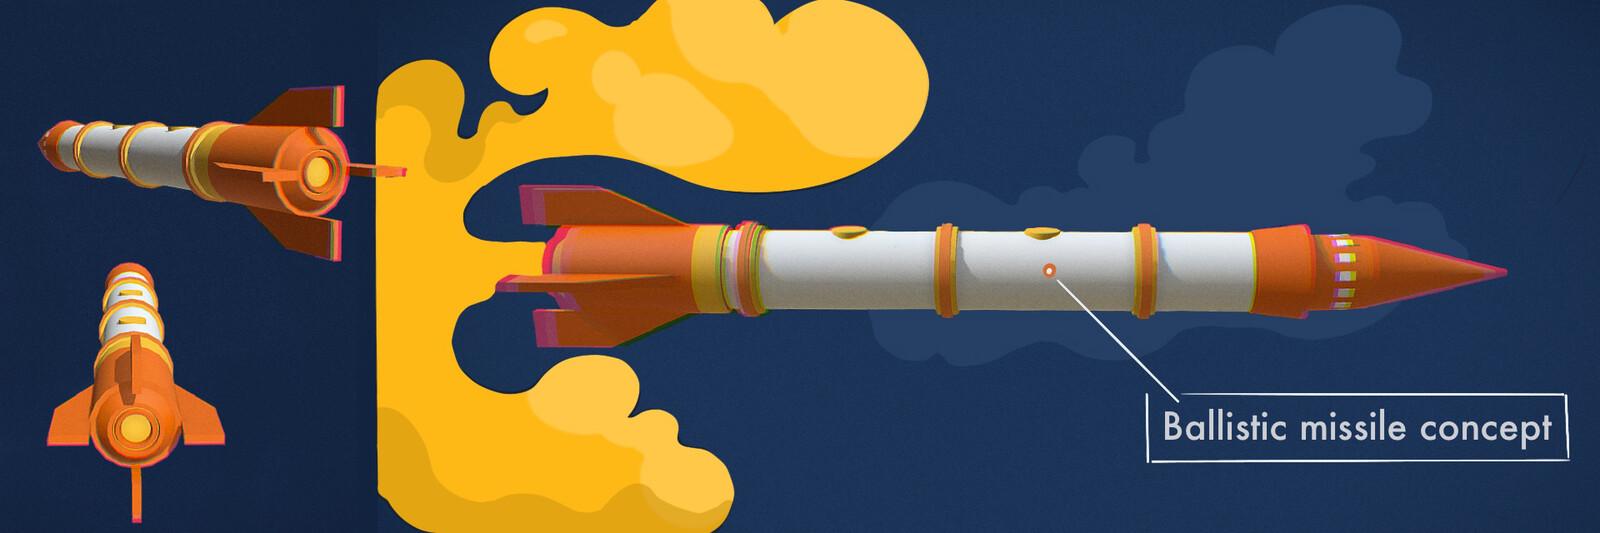 Ballistic missile concept